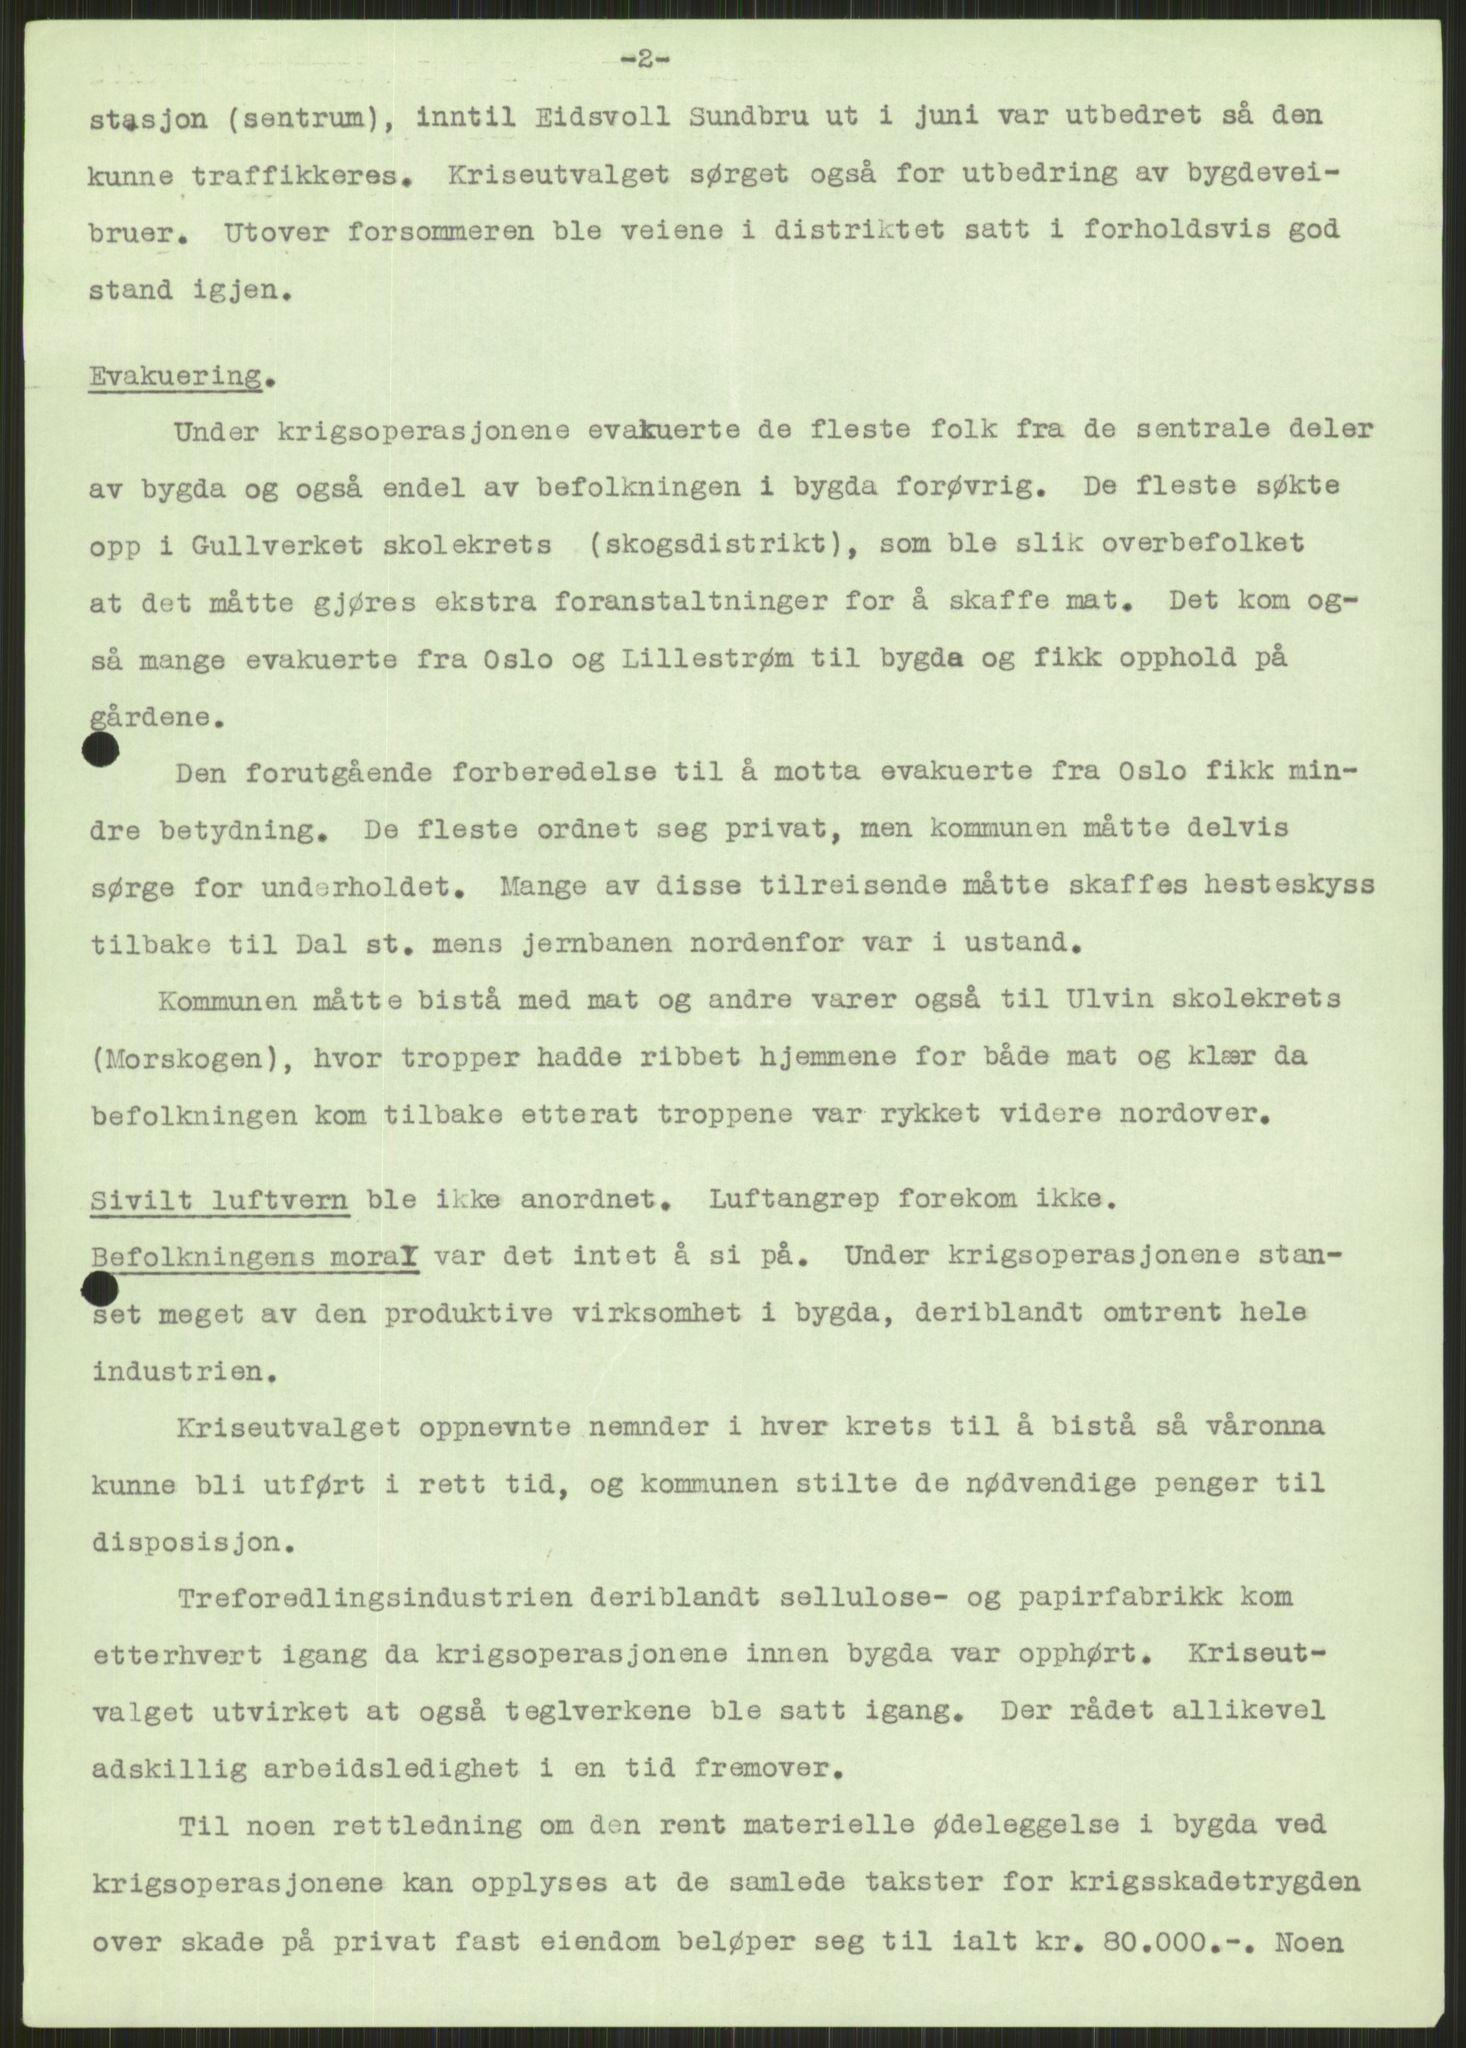 RA, Forsvaret, Forsvarets krigshistoriske avdeling, Y/Ya/L0013: II-C-11-31 - Fylkesmenn.  Rapporter om krigsbegivenhetene 1940., 1940, s. 742